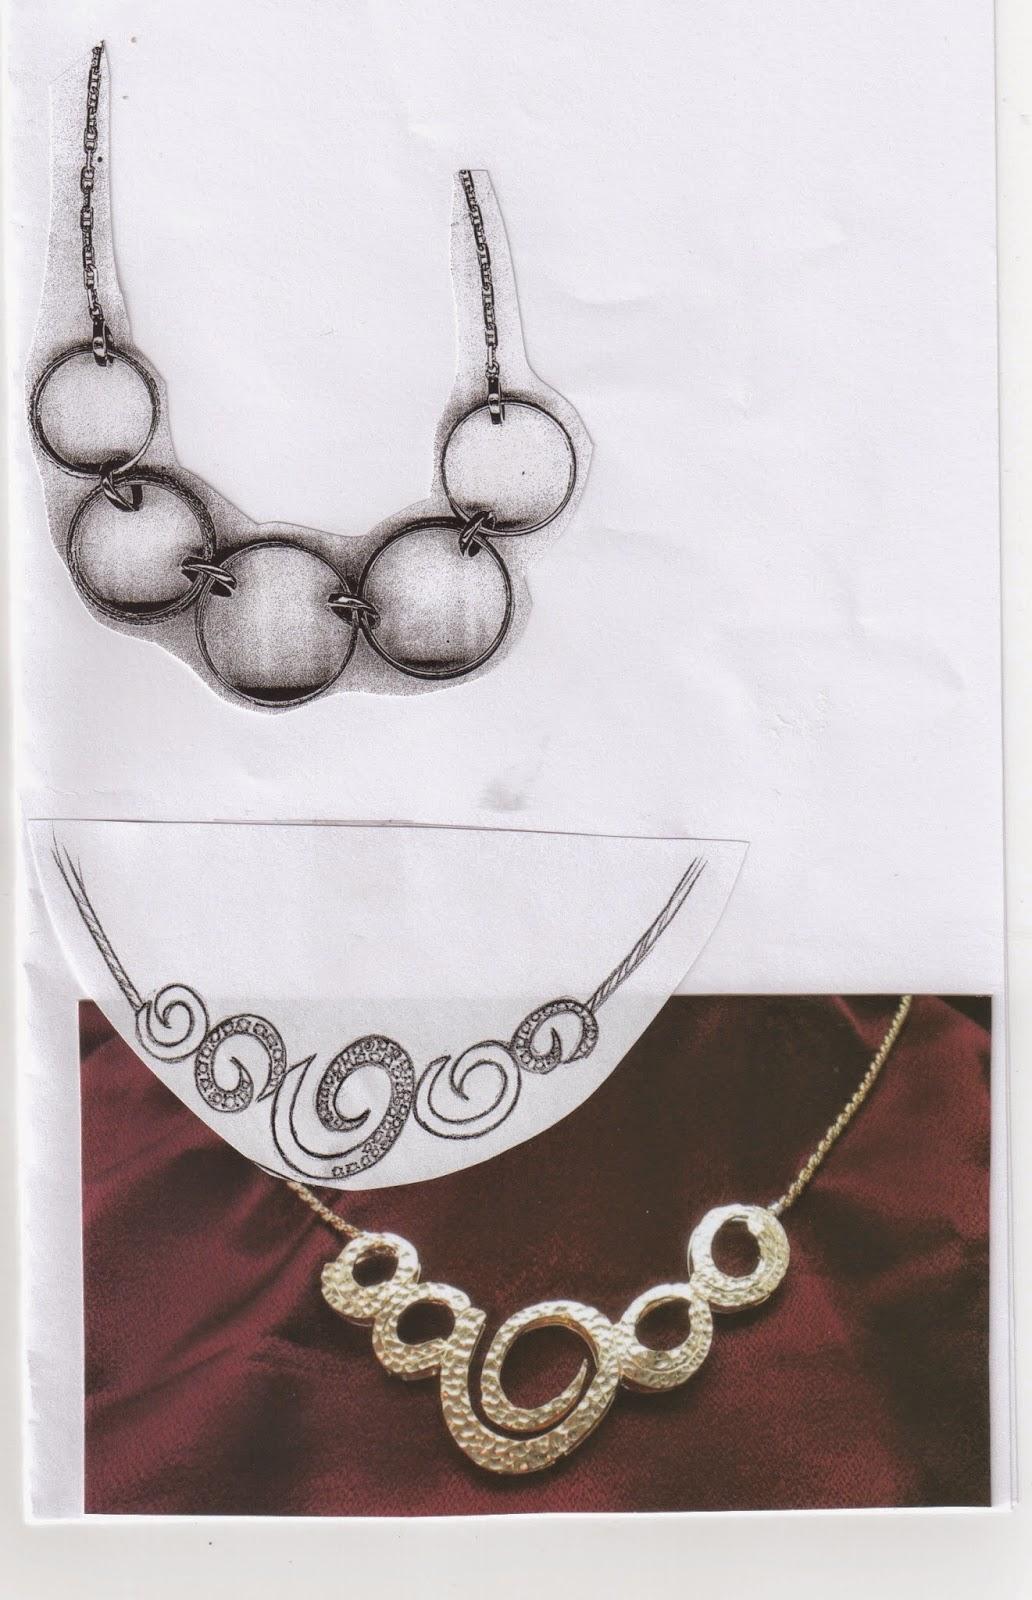 Bove Jewelers Rings